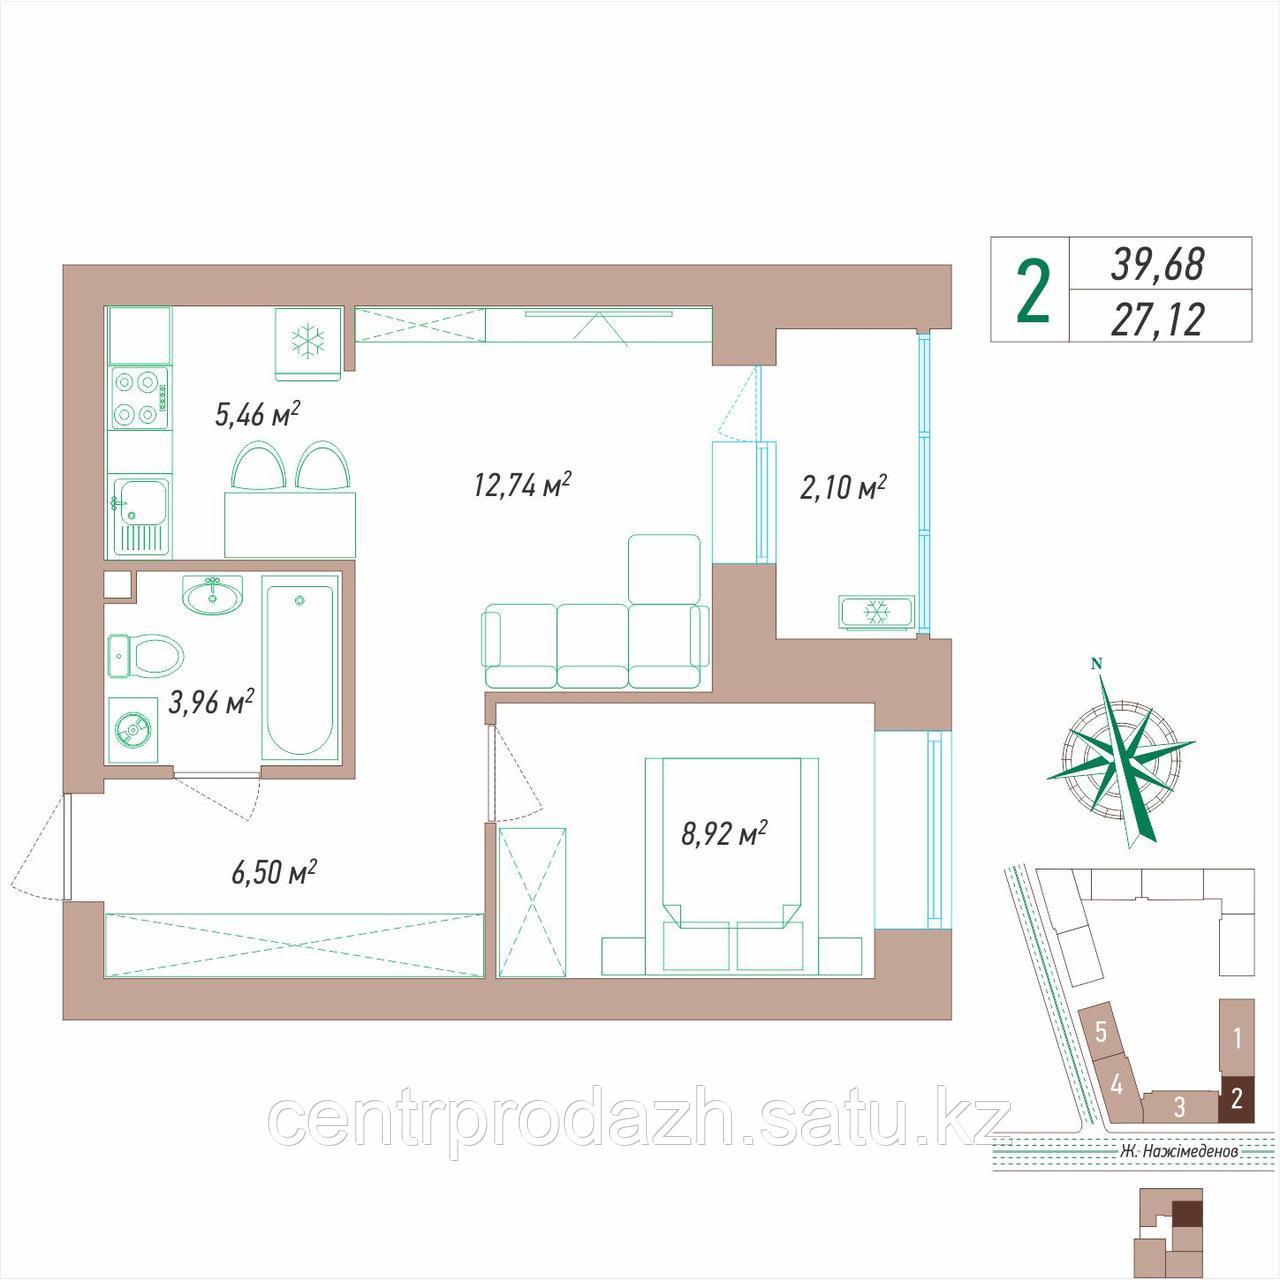 2 комнатная квартира 39.68 м²